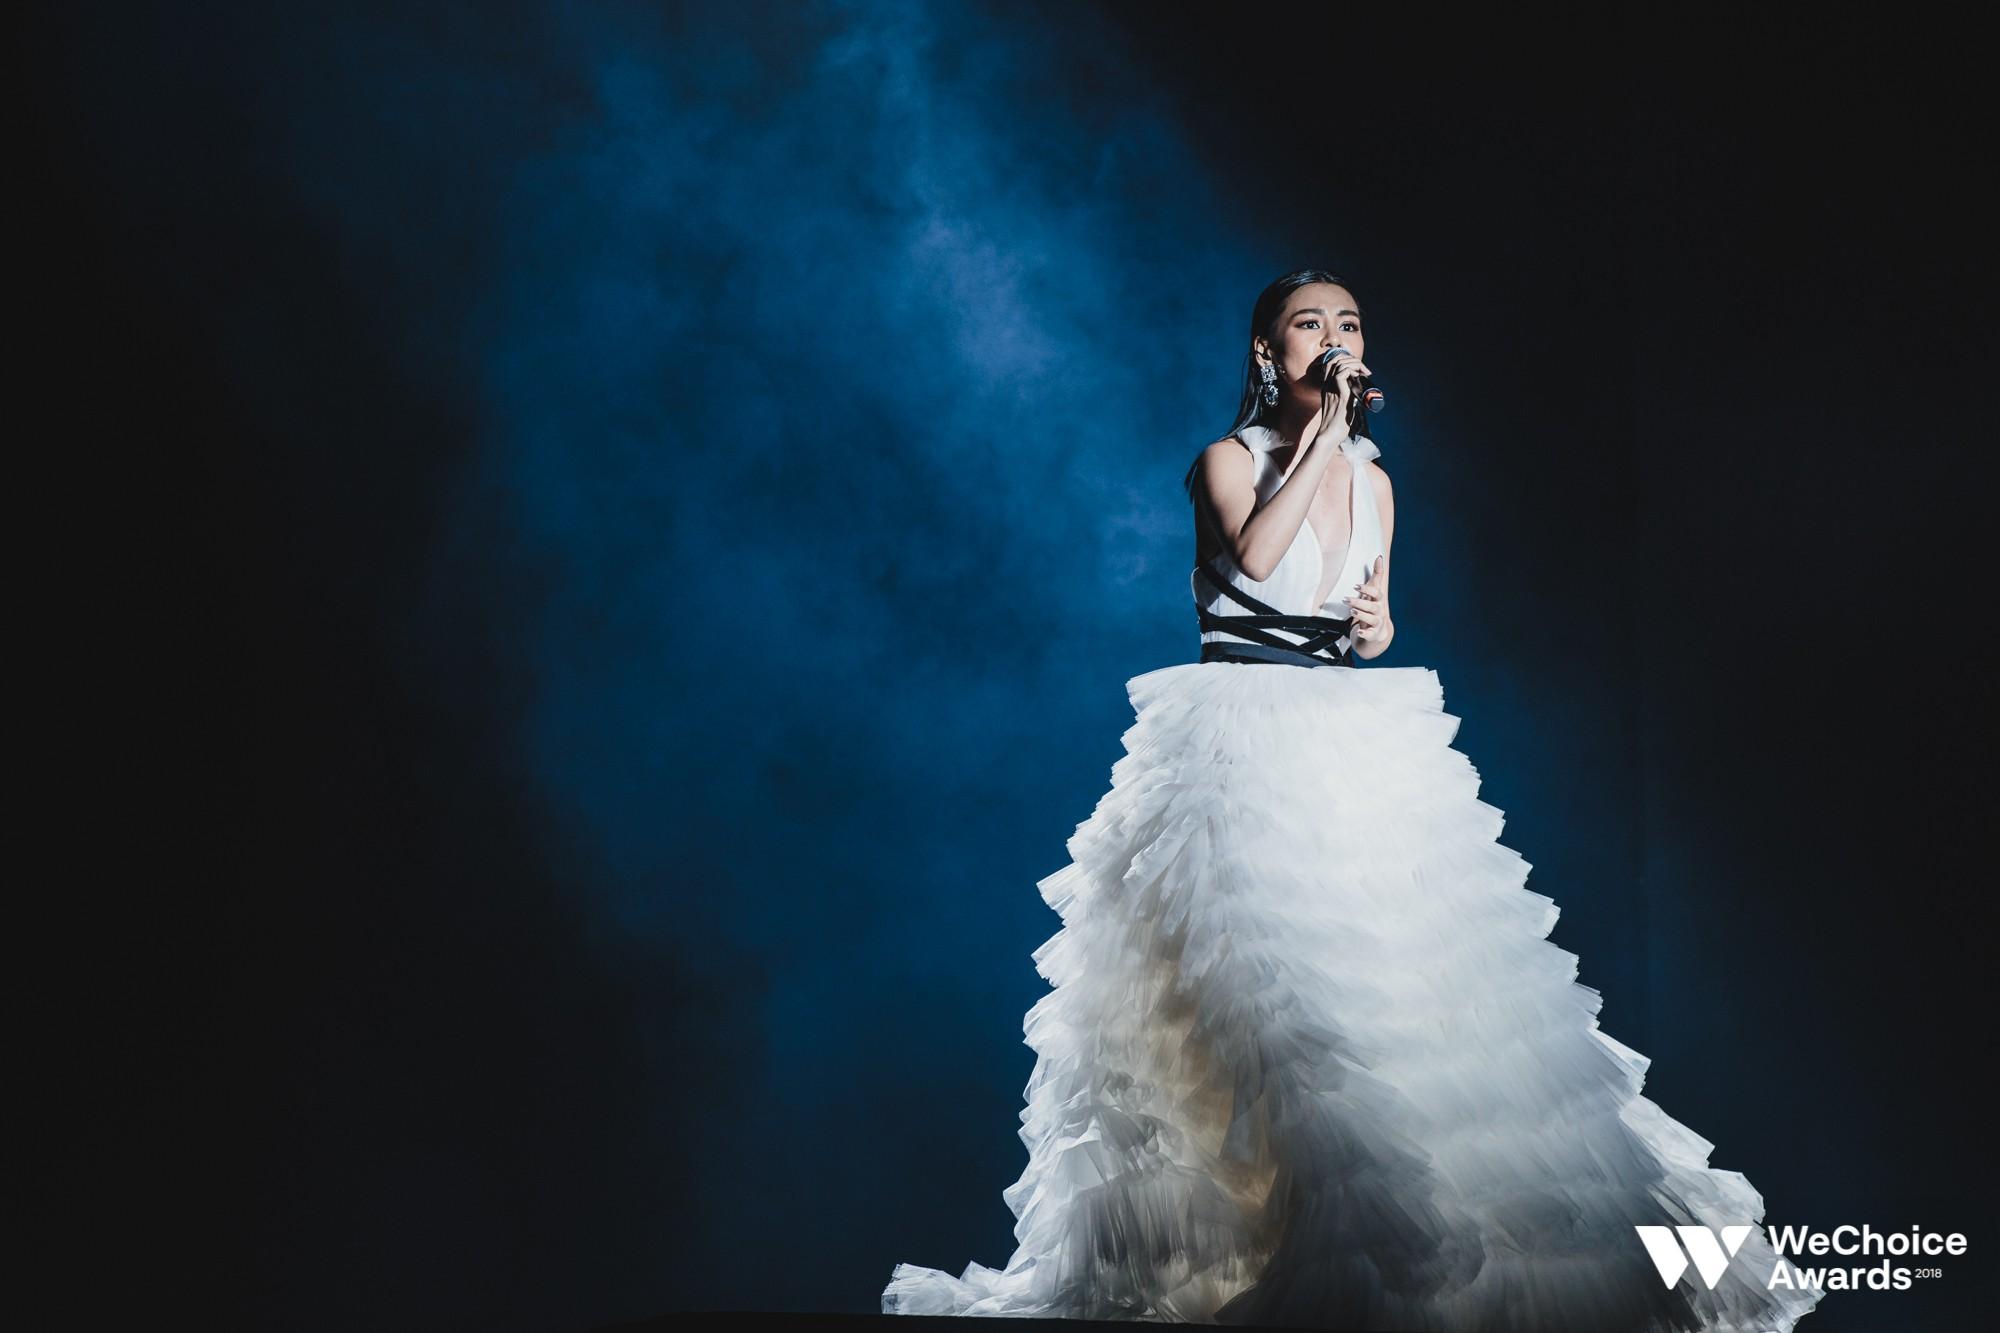 WeChoice Awards: Hành trình đẹp đẽ từ những giấc mơ - Ảnh 7.